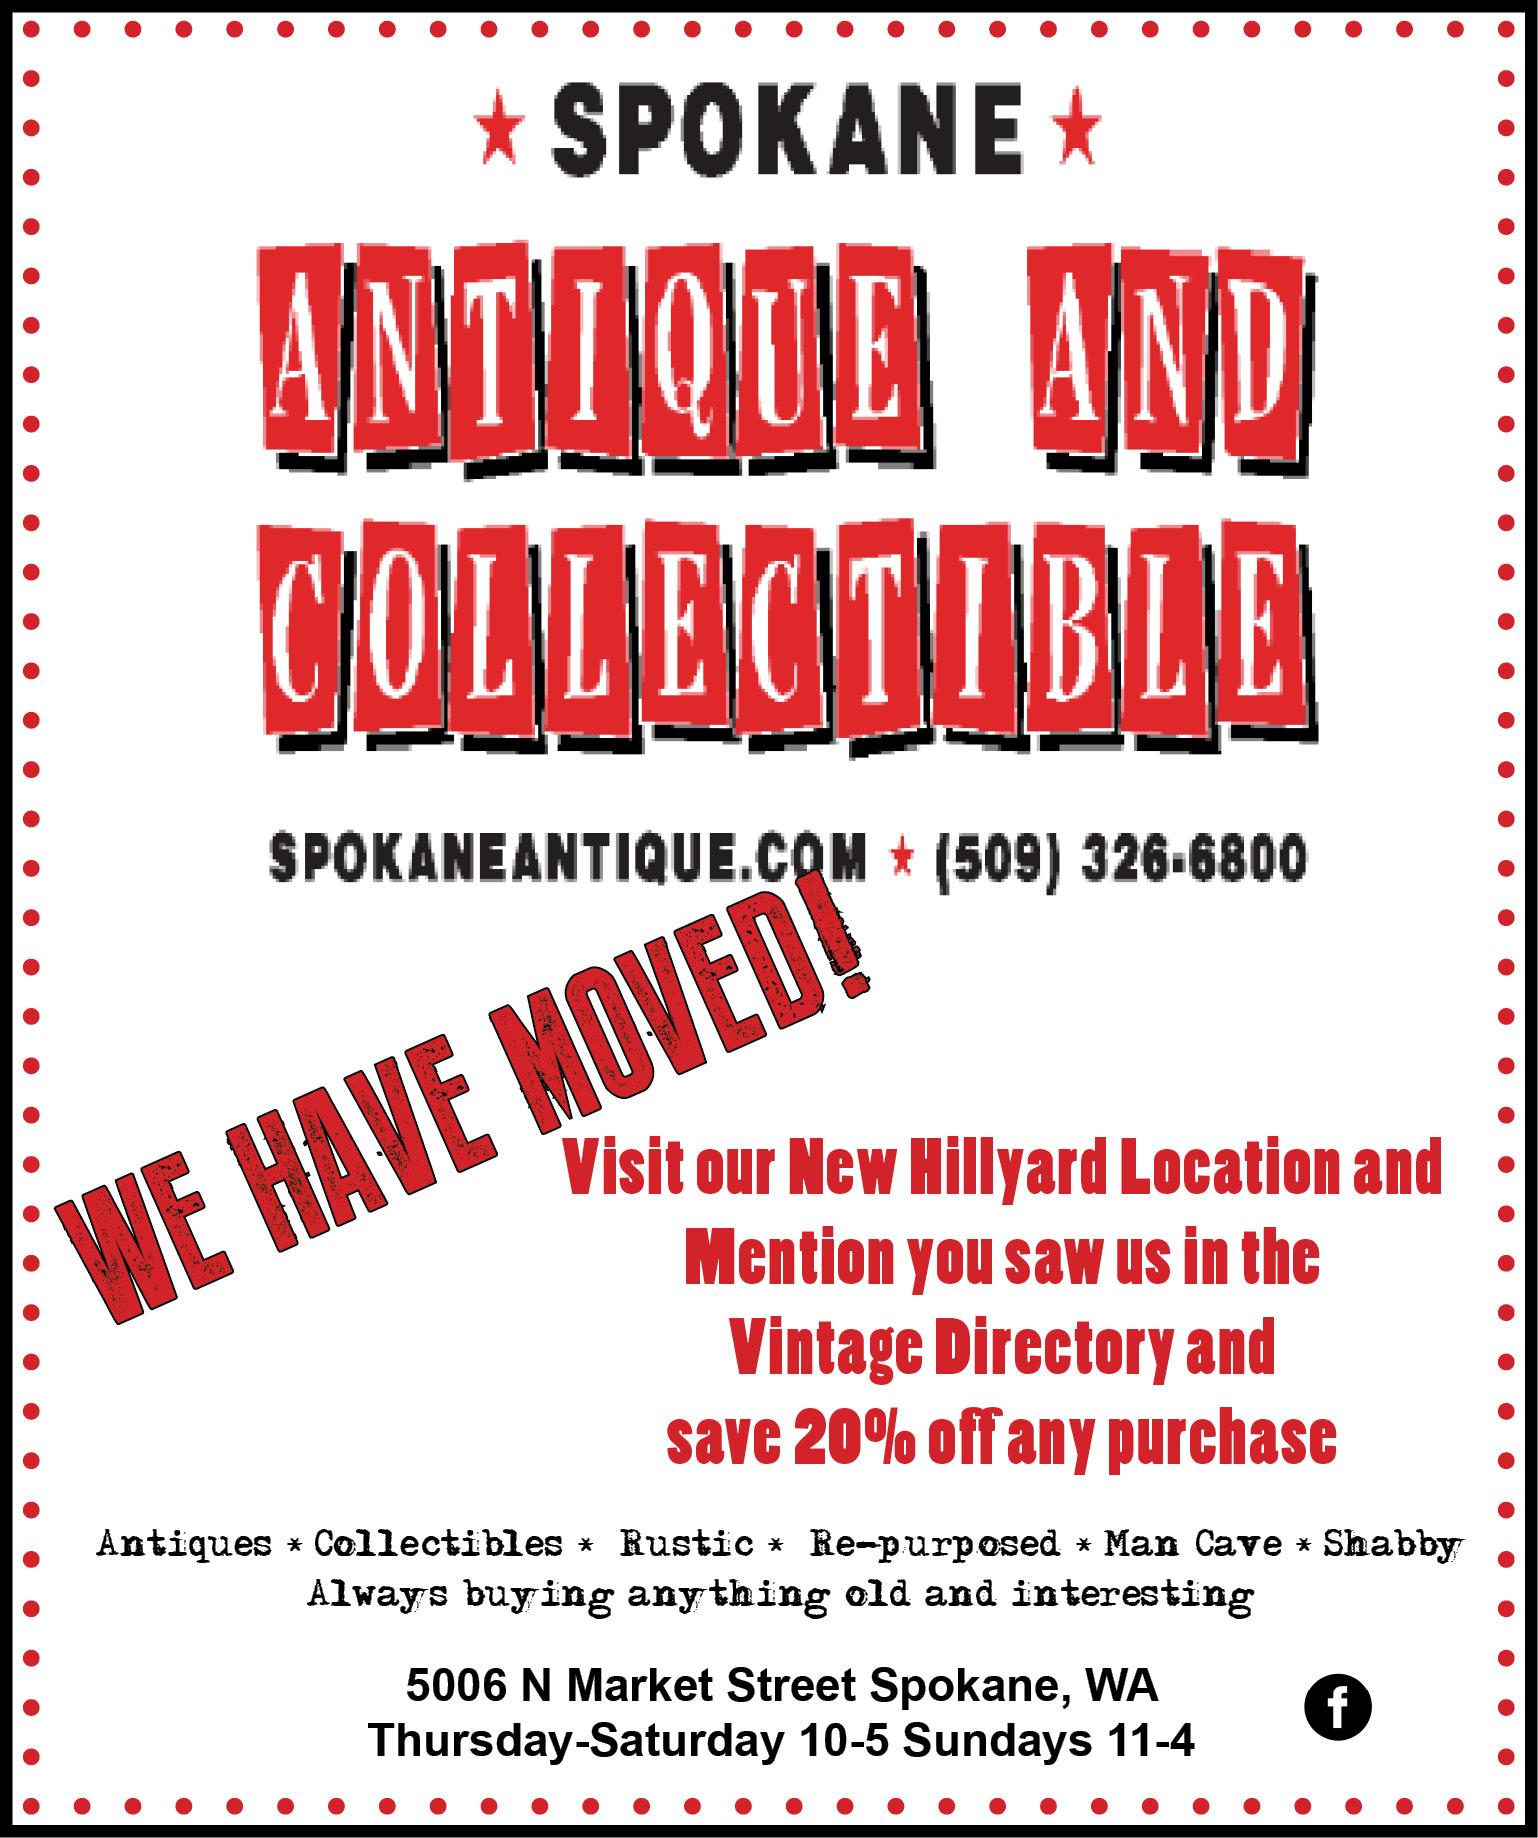 - Vintage Shops Vintage Directory